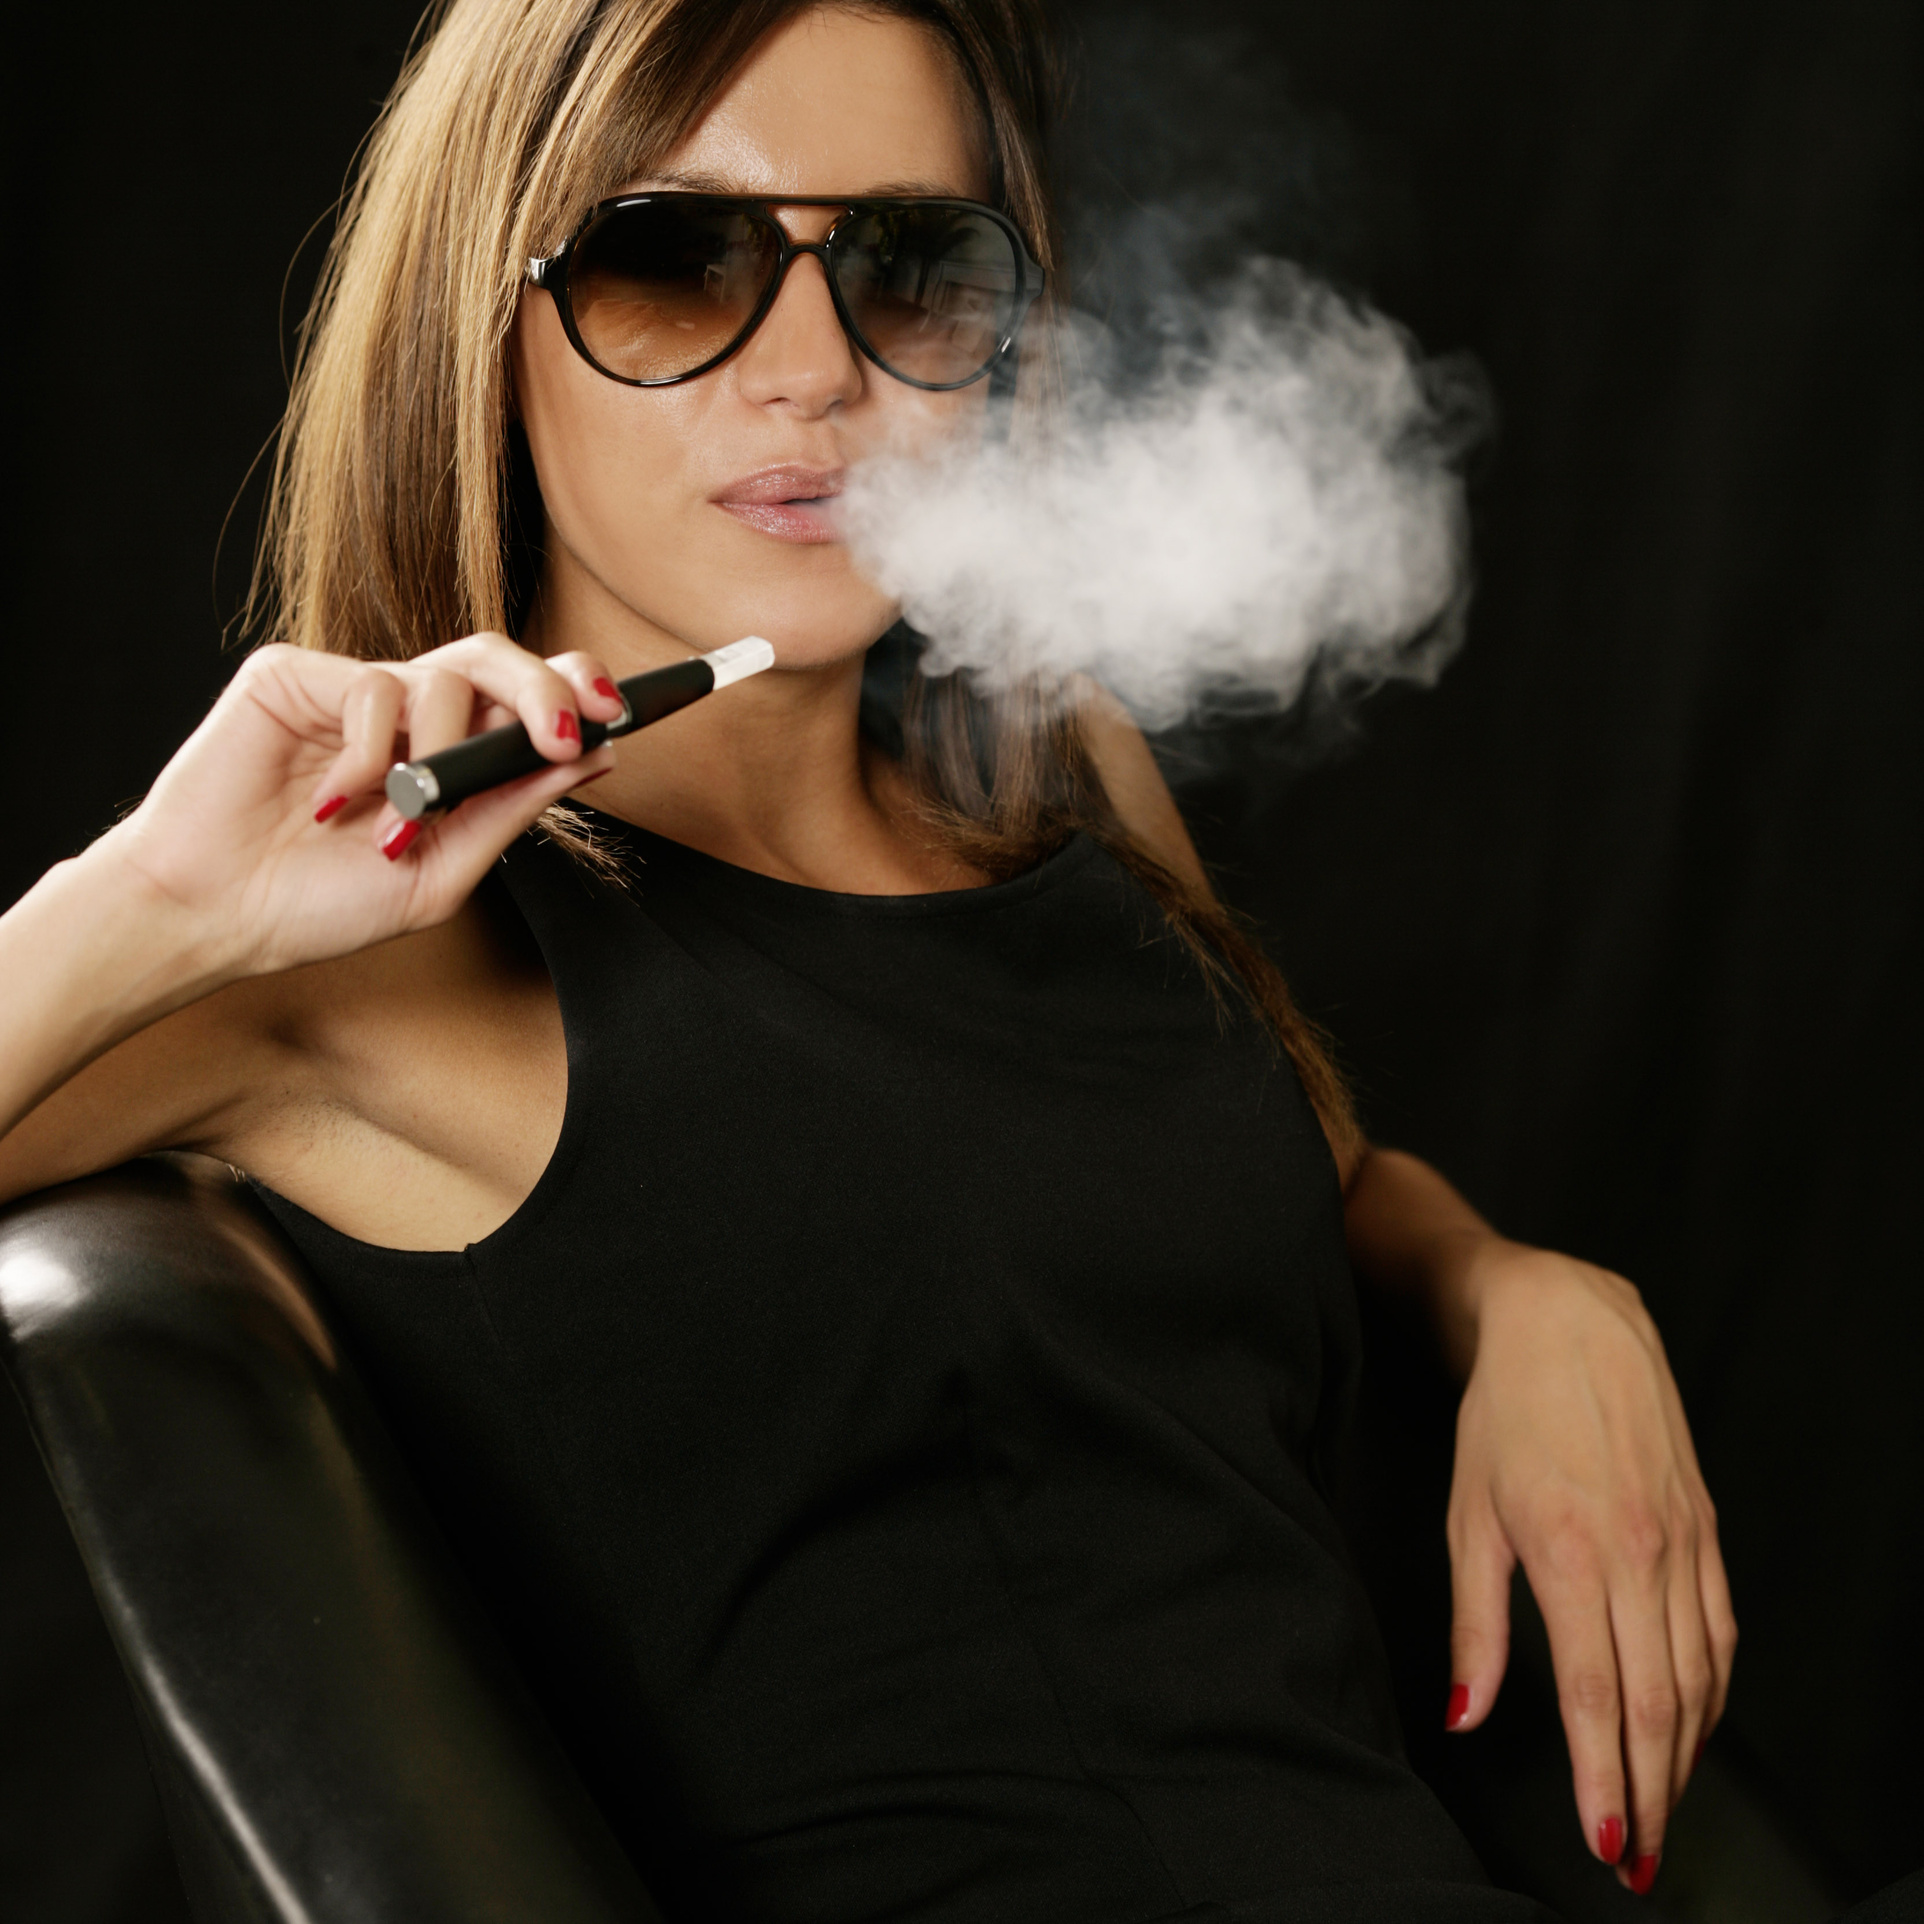 Le livre le moyen facile de cesser de fumer lire